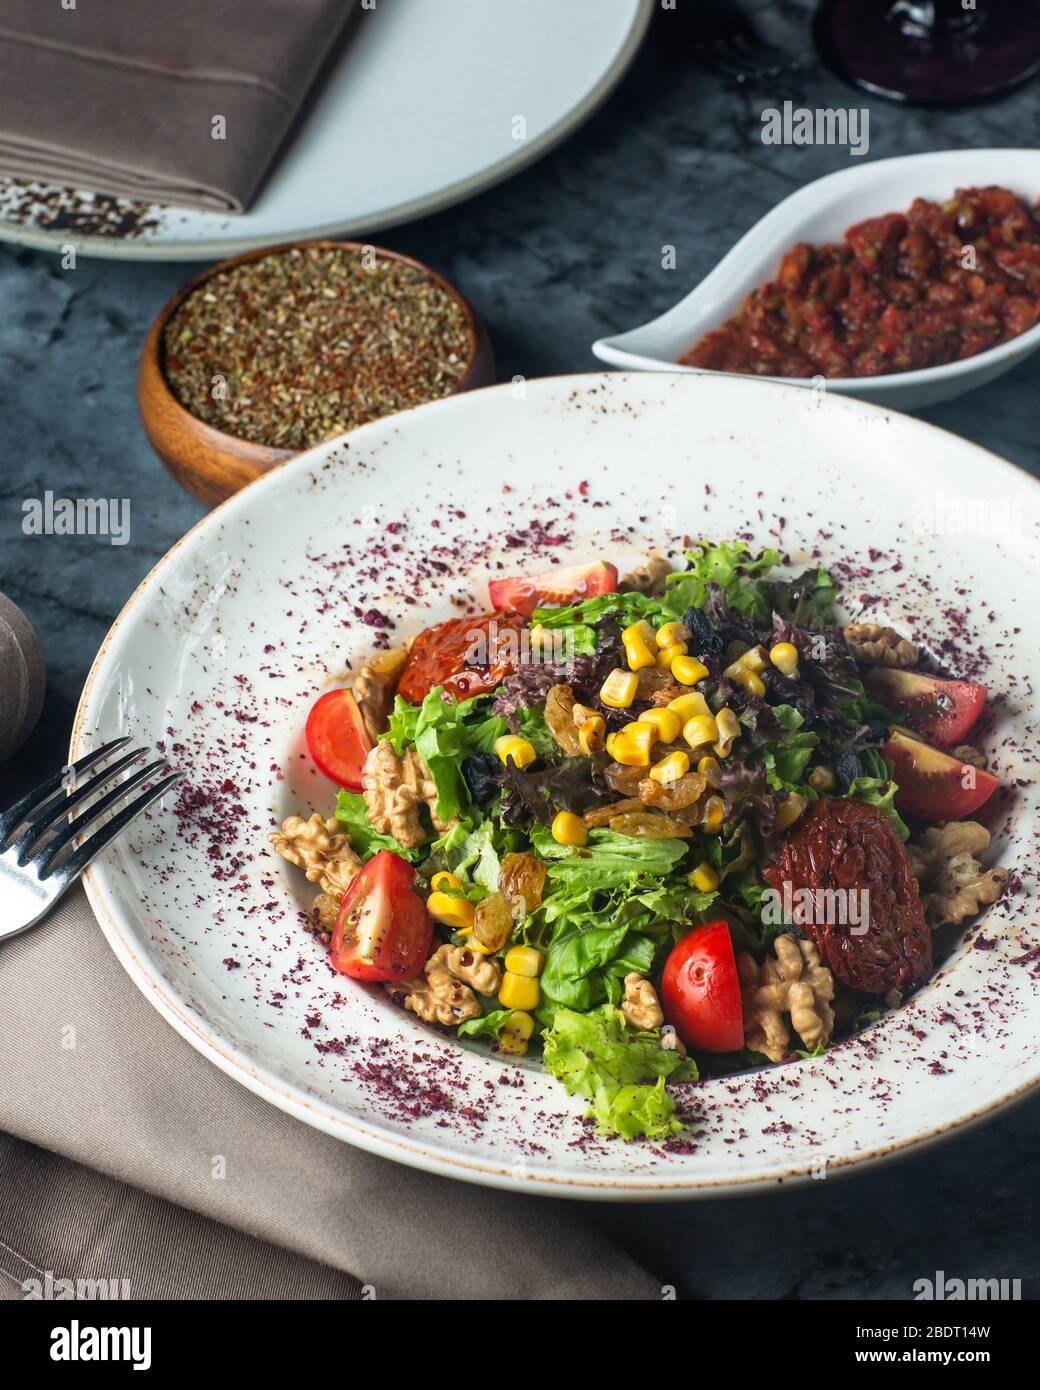 une assiette de salade verte avec du maïs de tomates de laitue et du raisin Banque D'Images